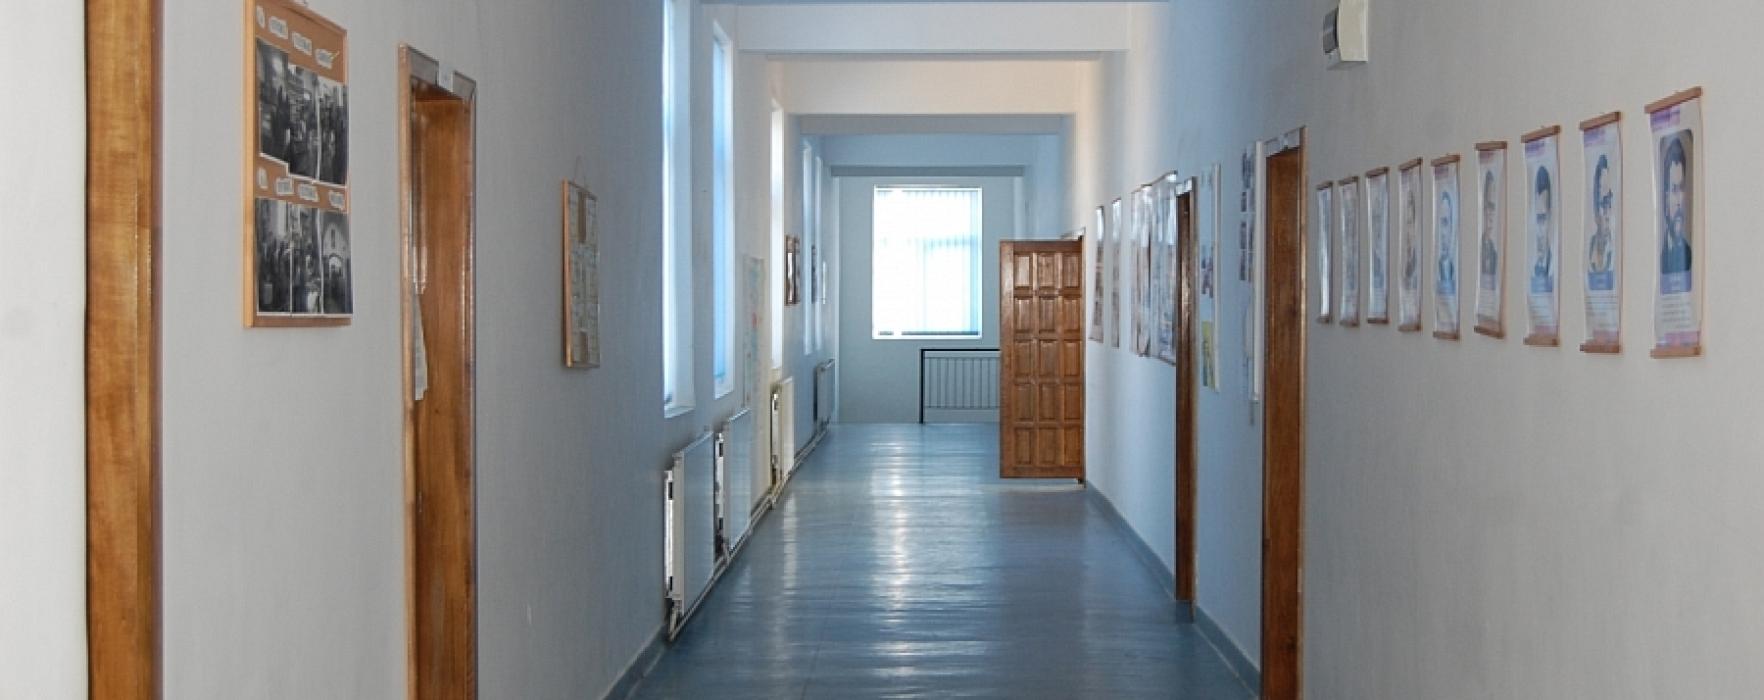 Dâmboviţa: Şcolile din patru localităţi rămân închise şi marţi